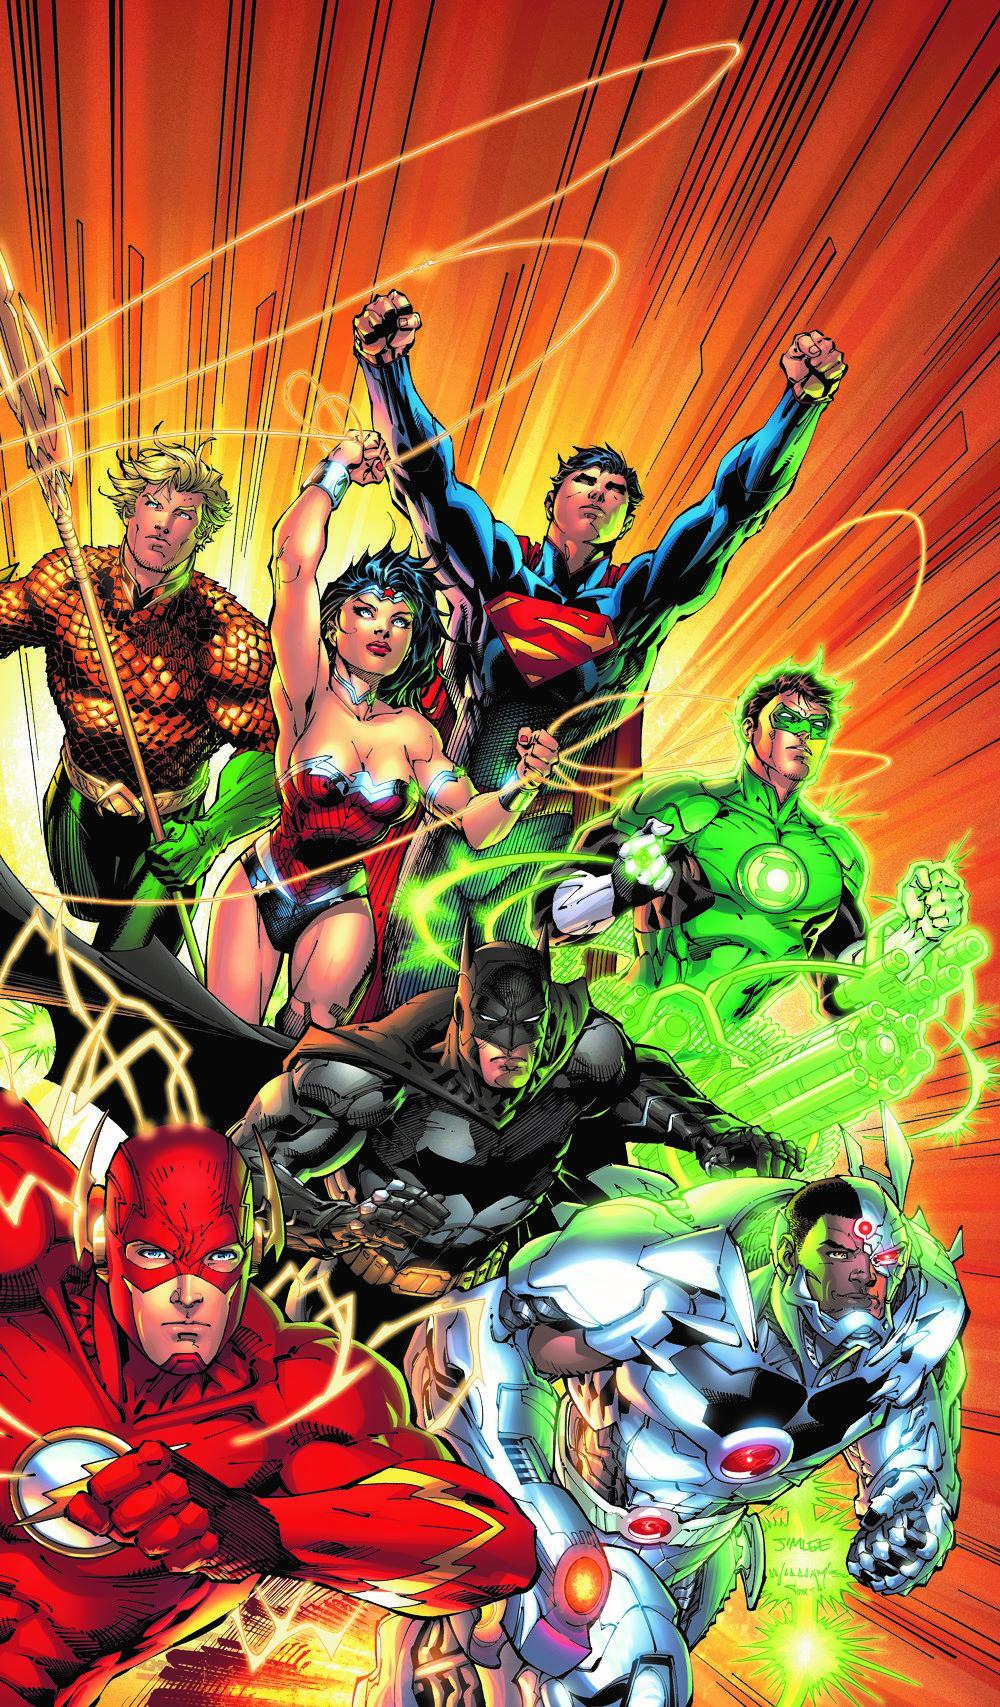 JL-NEW-52-OMNIBUS-VOL1 DC Comics April 2021 Solicitations